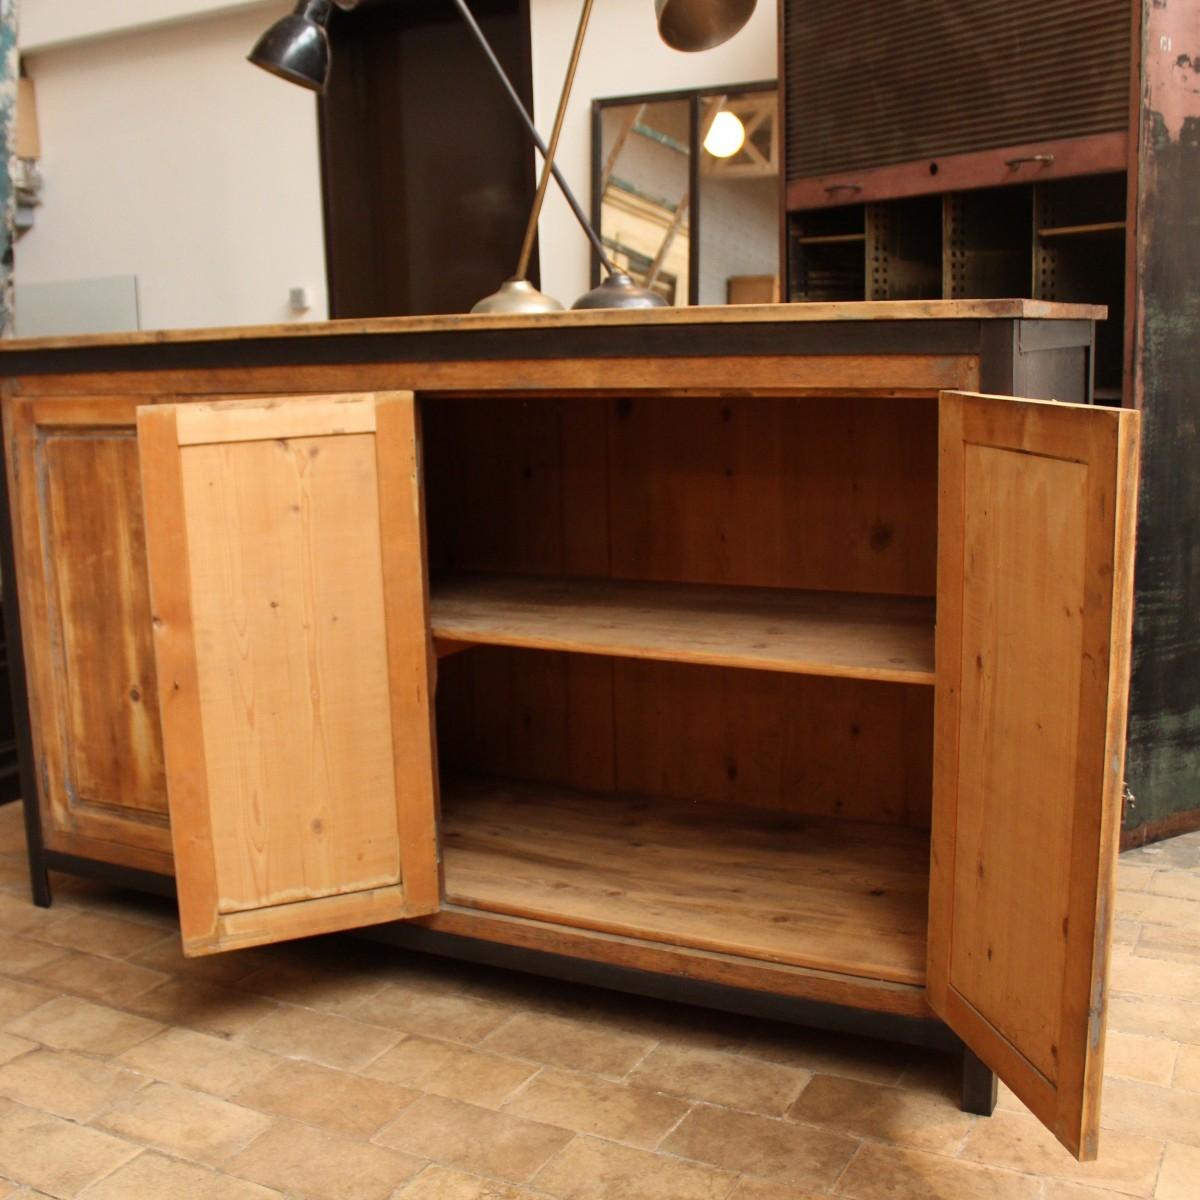 meuble industriel metal meuble industriel lorigine pour dossiers suspendus mais peut tre dtourn. Black Bedroom Furniture Sets. Home Design Ideas